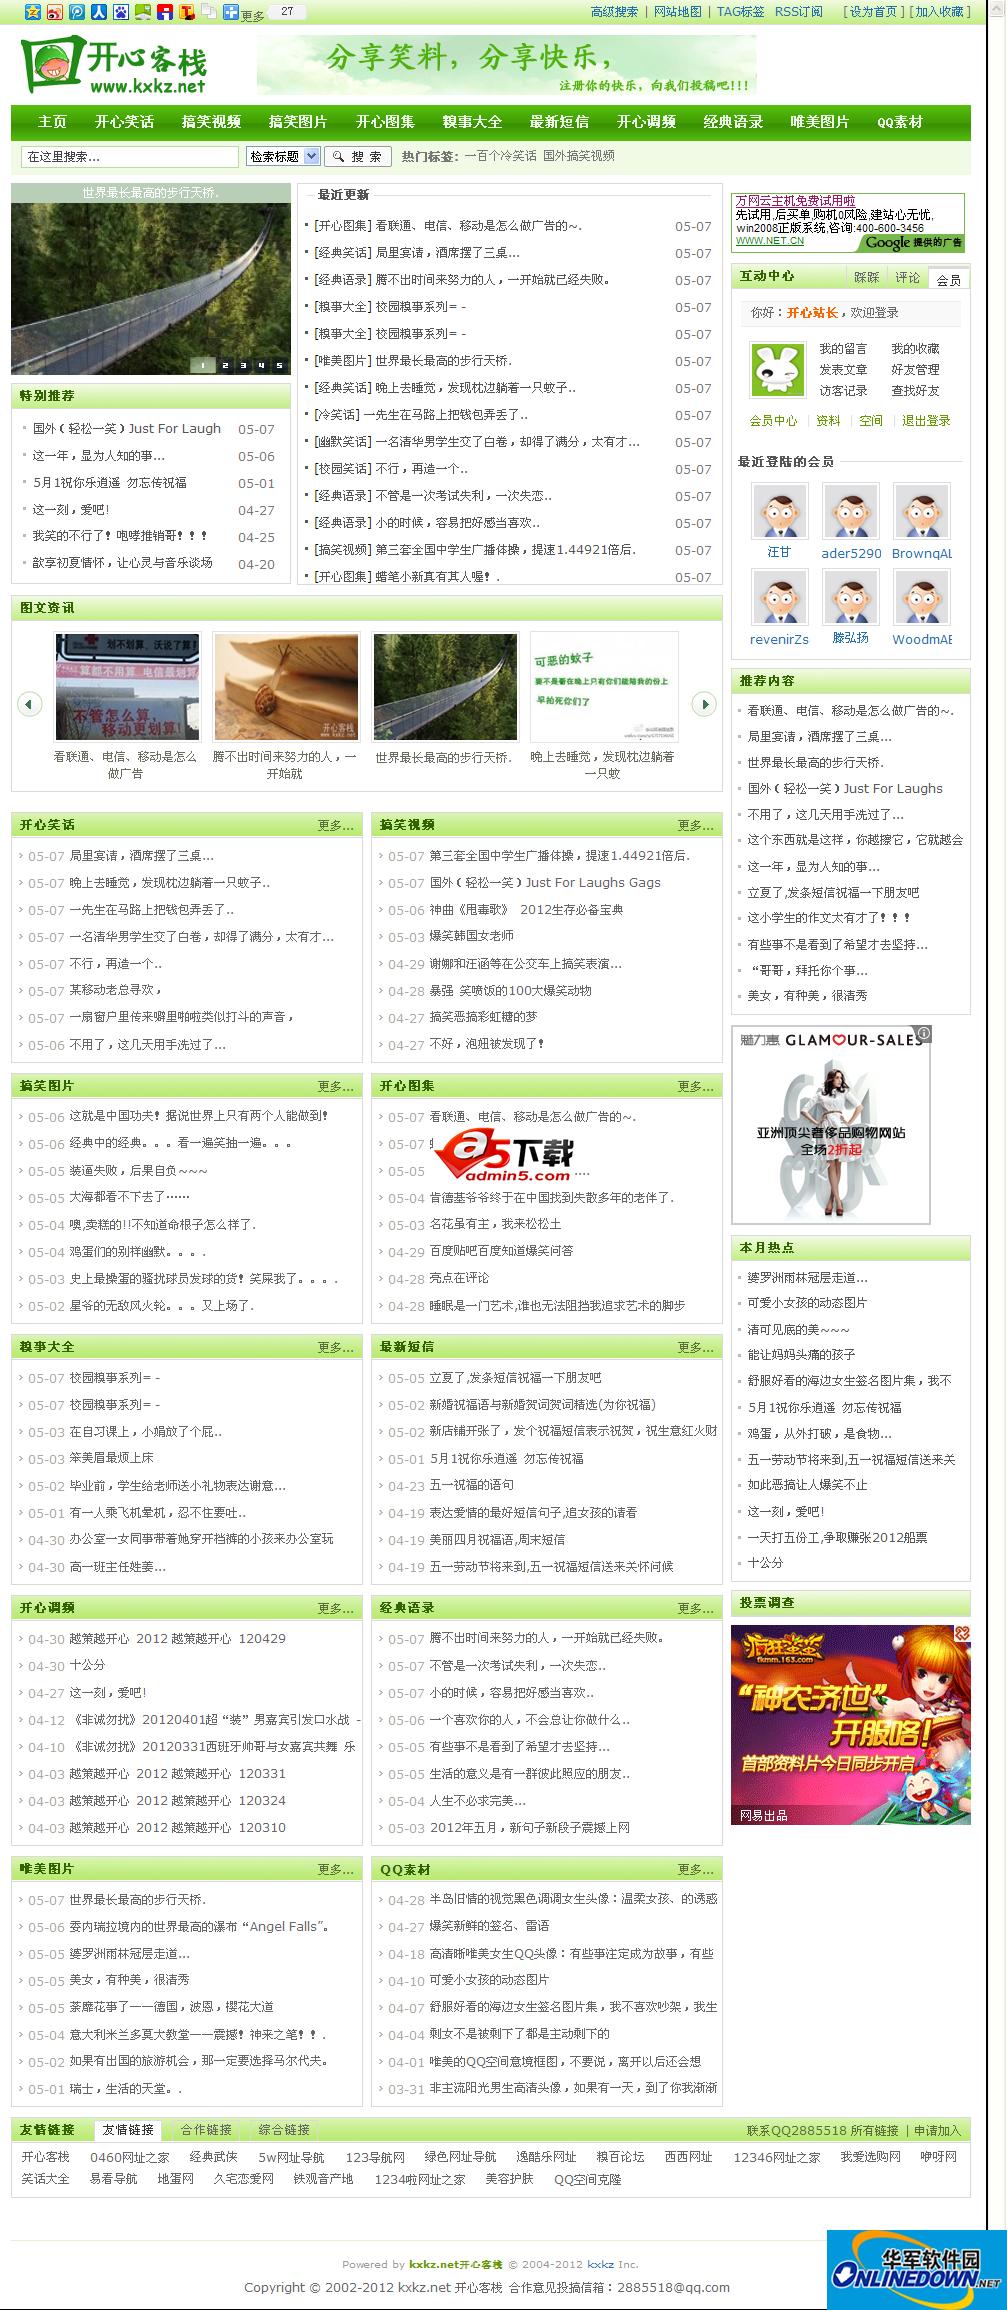 开心客栈笑话网站源码织梦5.7sp1内核